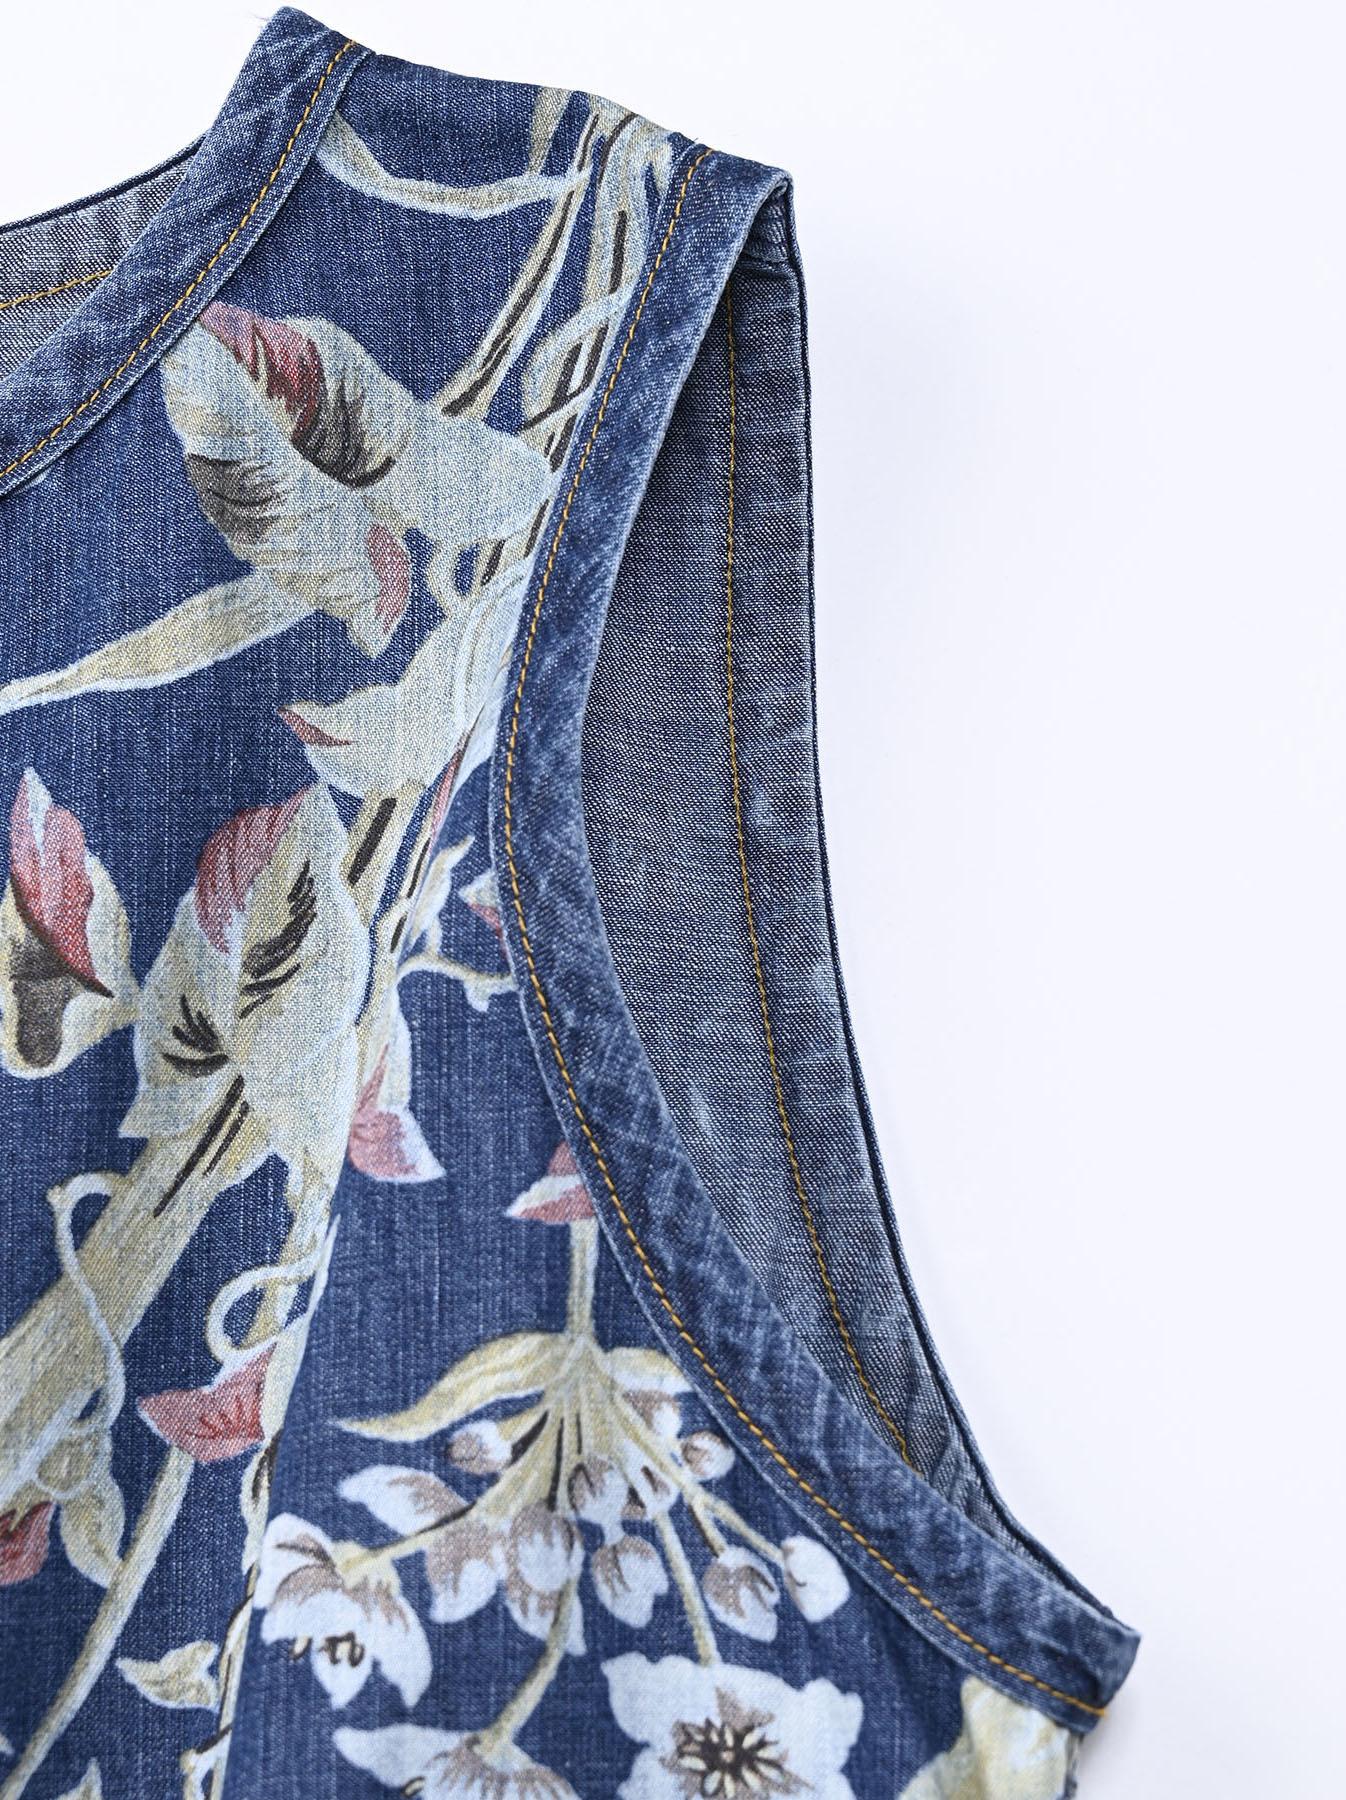 Cotton Lily Print Dress (0521)-7